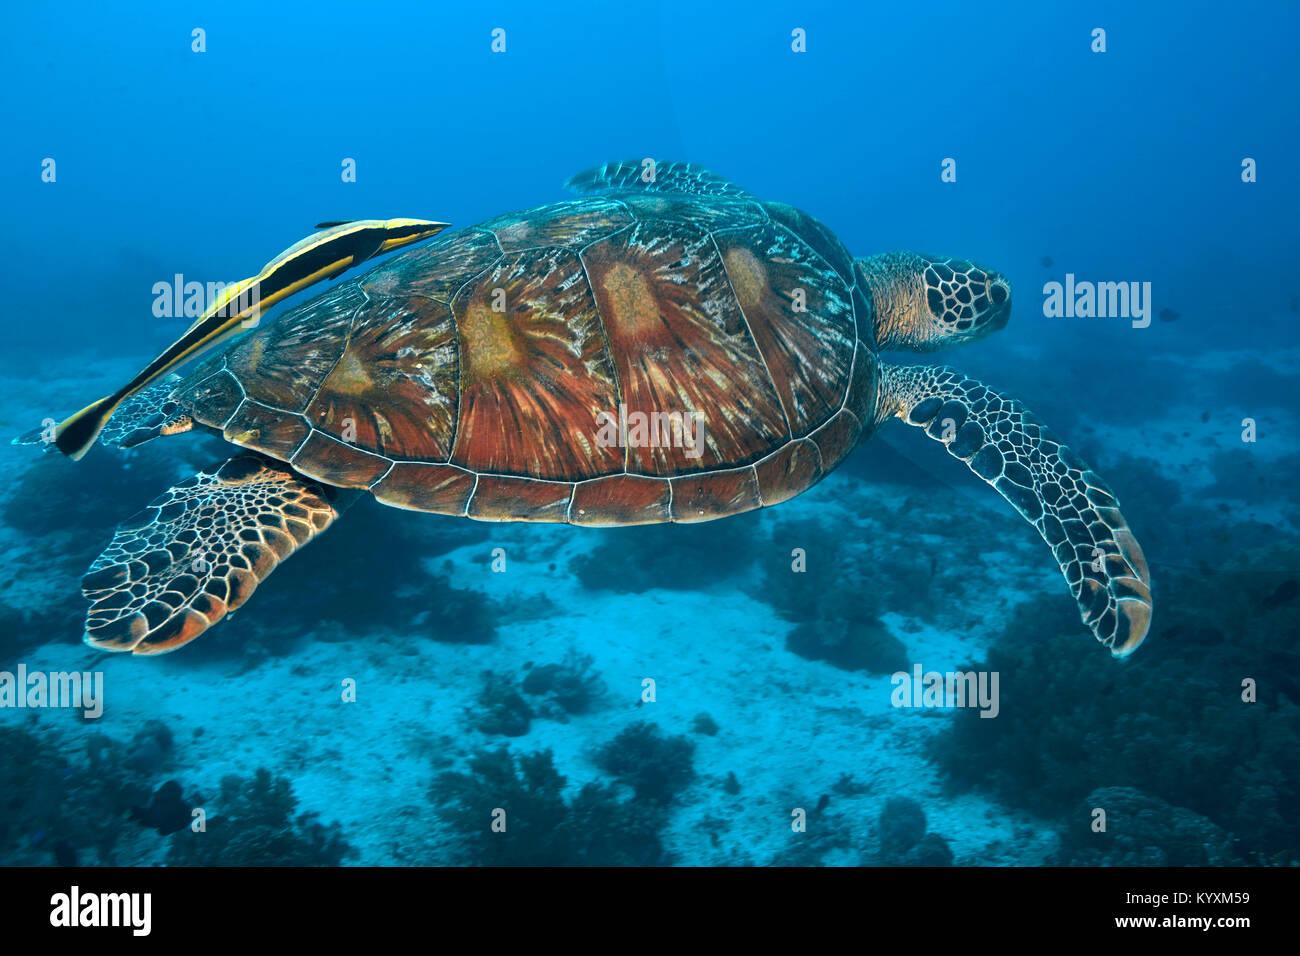 Gruene Meeresschildkroete (Chelonia Mydas) auch Suppenschildkroete oder Riesenschildkroete genannt, mit Schiffshalter, Immagini Stock